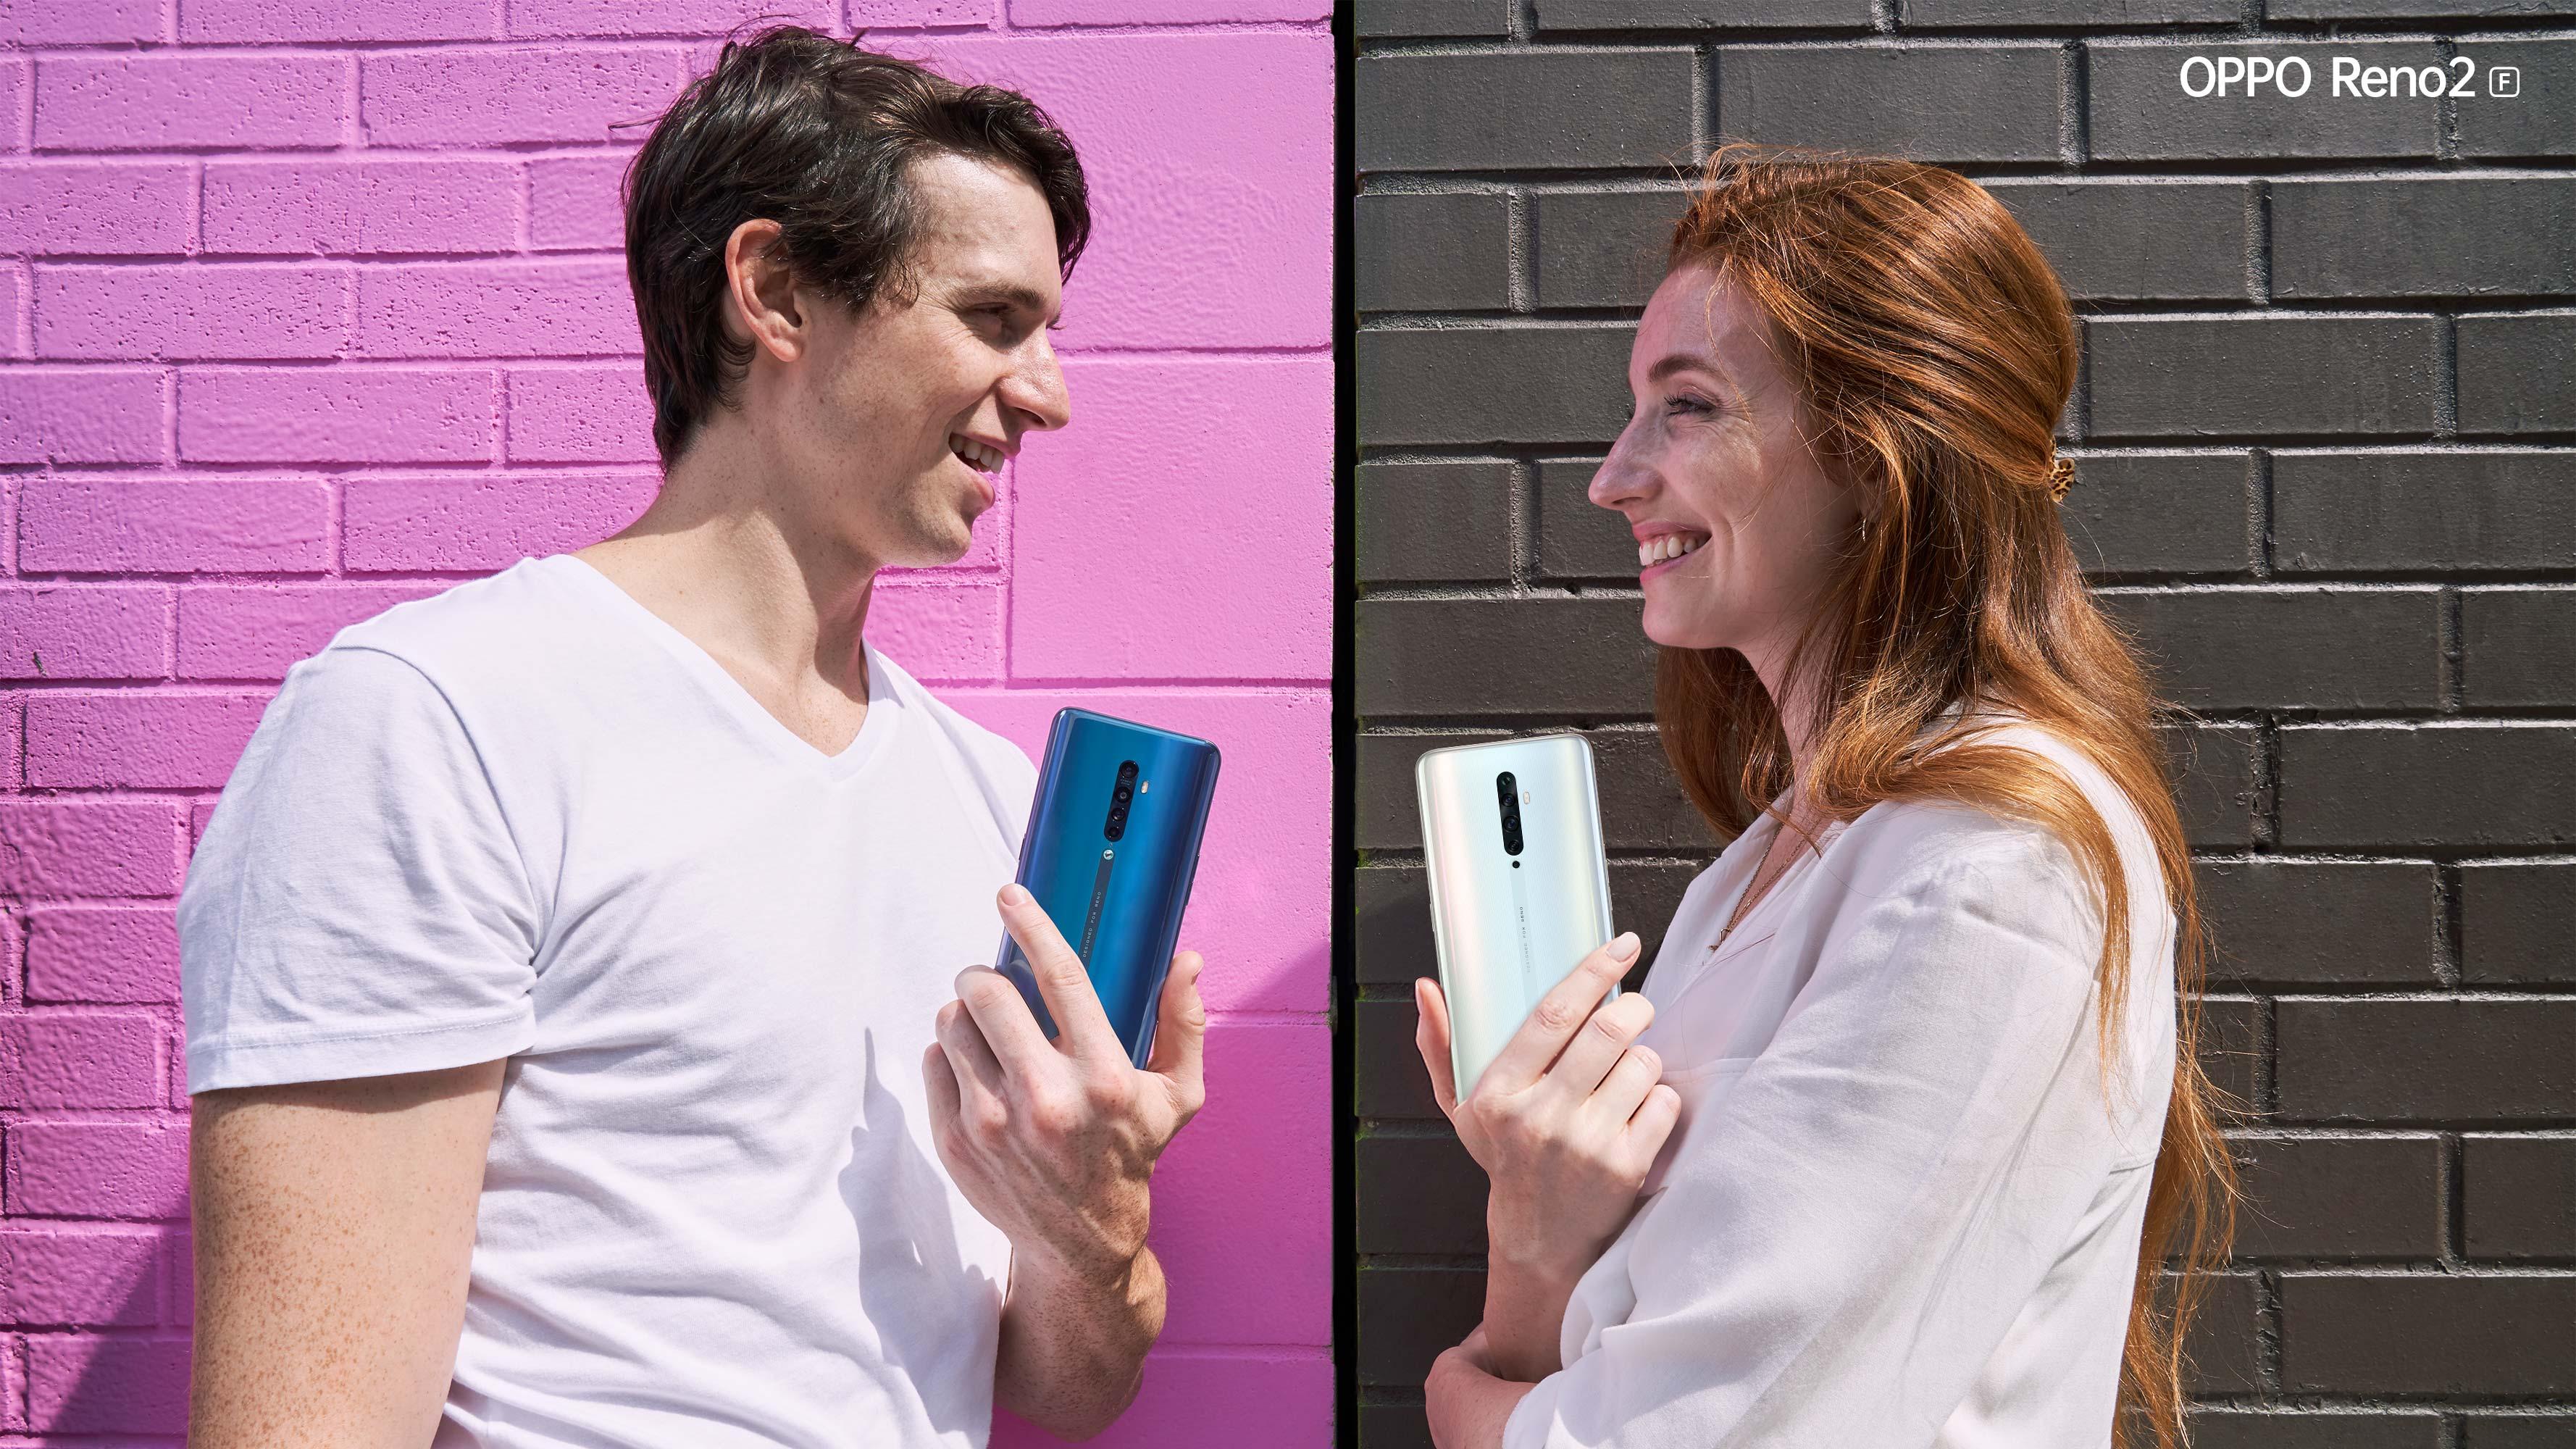 နှစ်သစ်မှာ  OPPO Reno2 F စမတ်ဖုန်းများကို အထူးစျေးနှုန်းများနဲ့ ရောင်းချပေးသွားမယ့် New Year Promotion